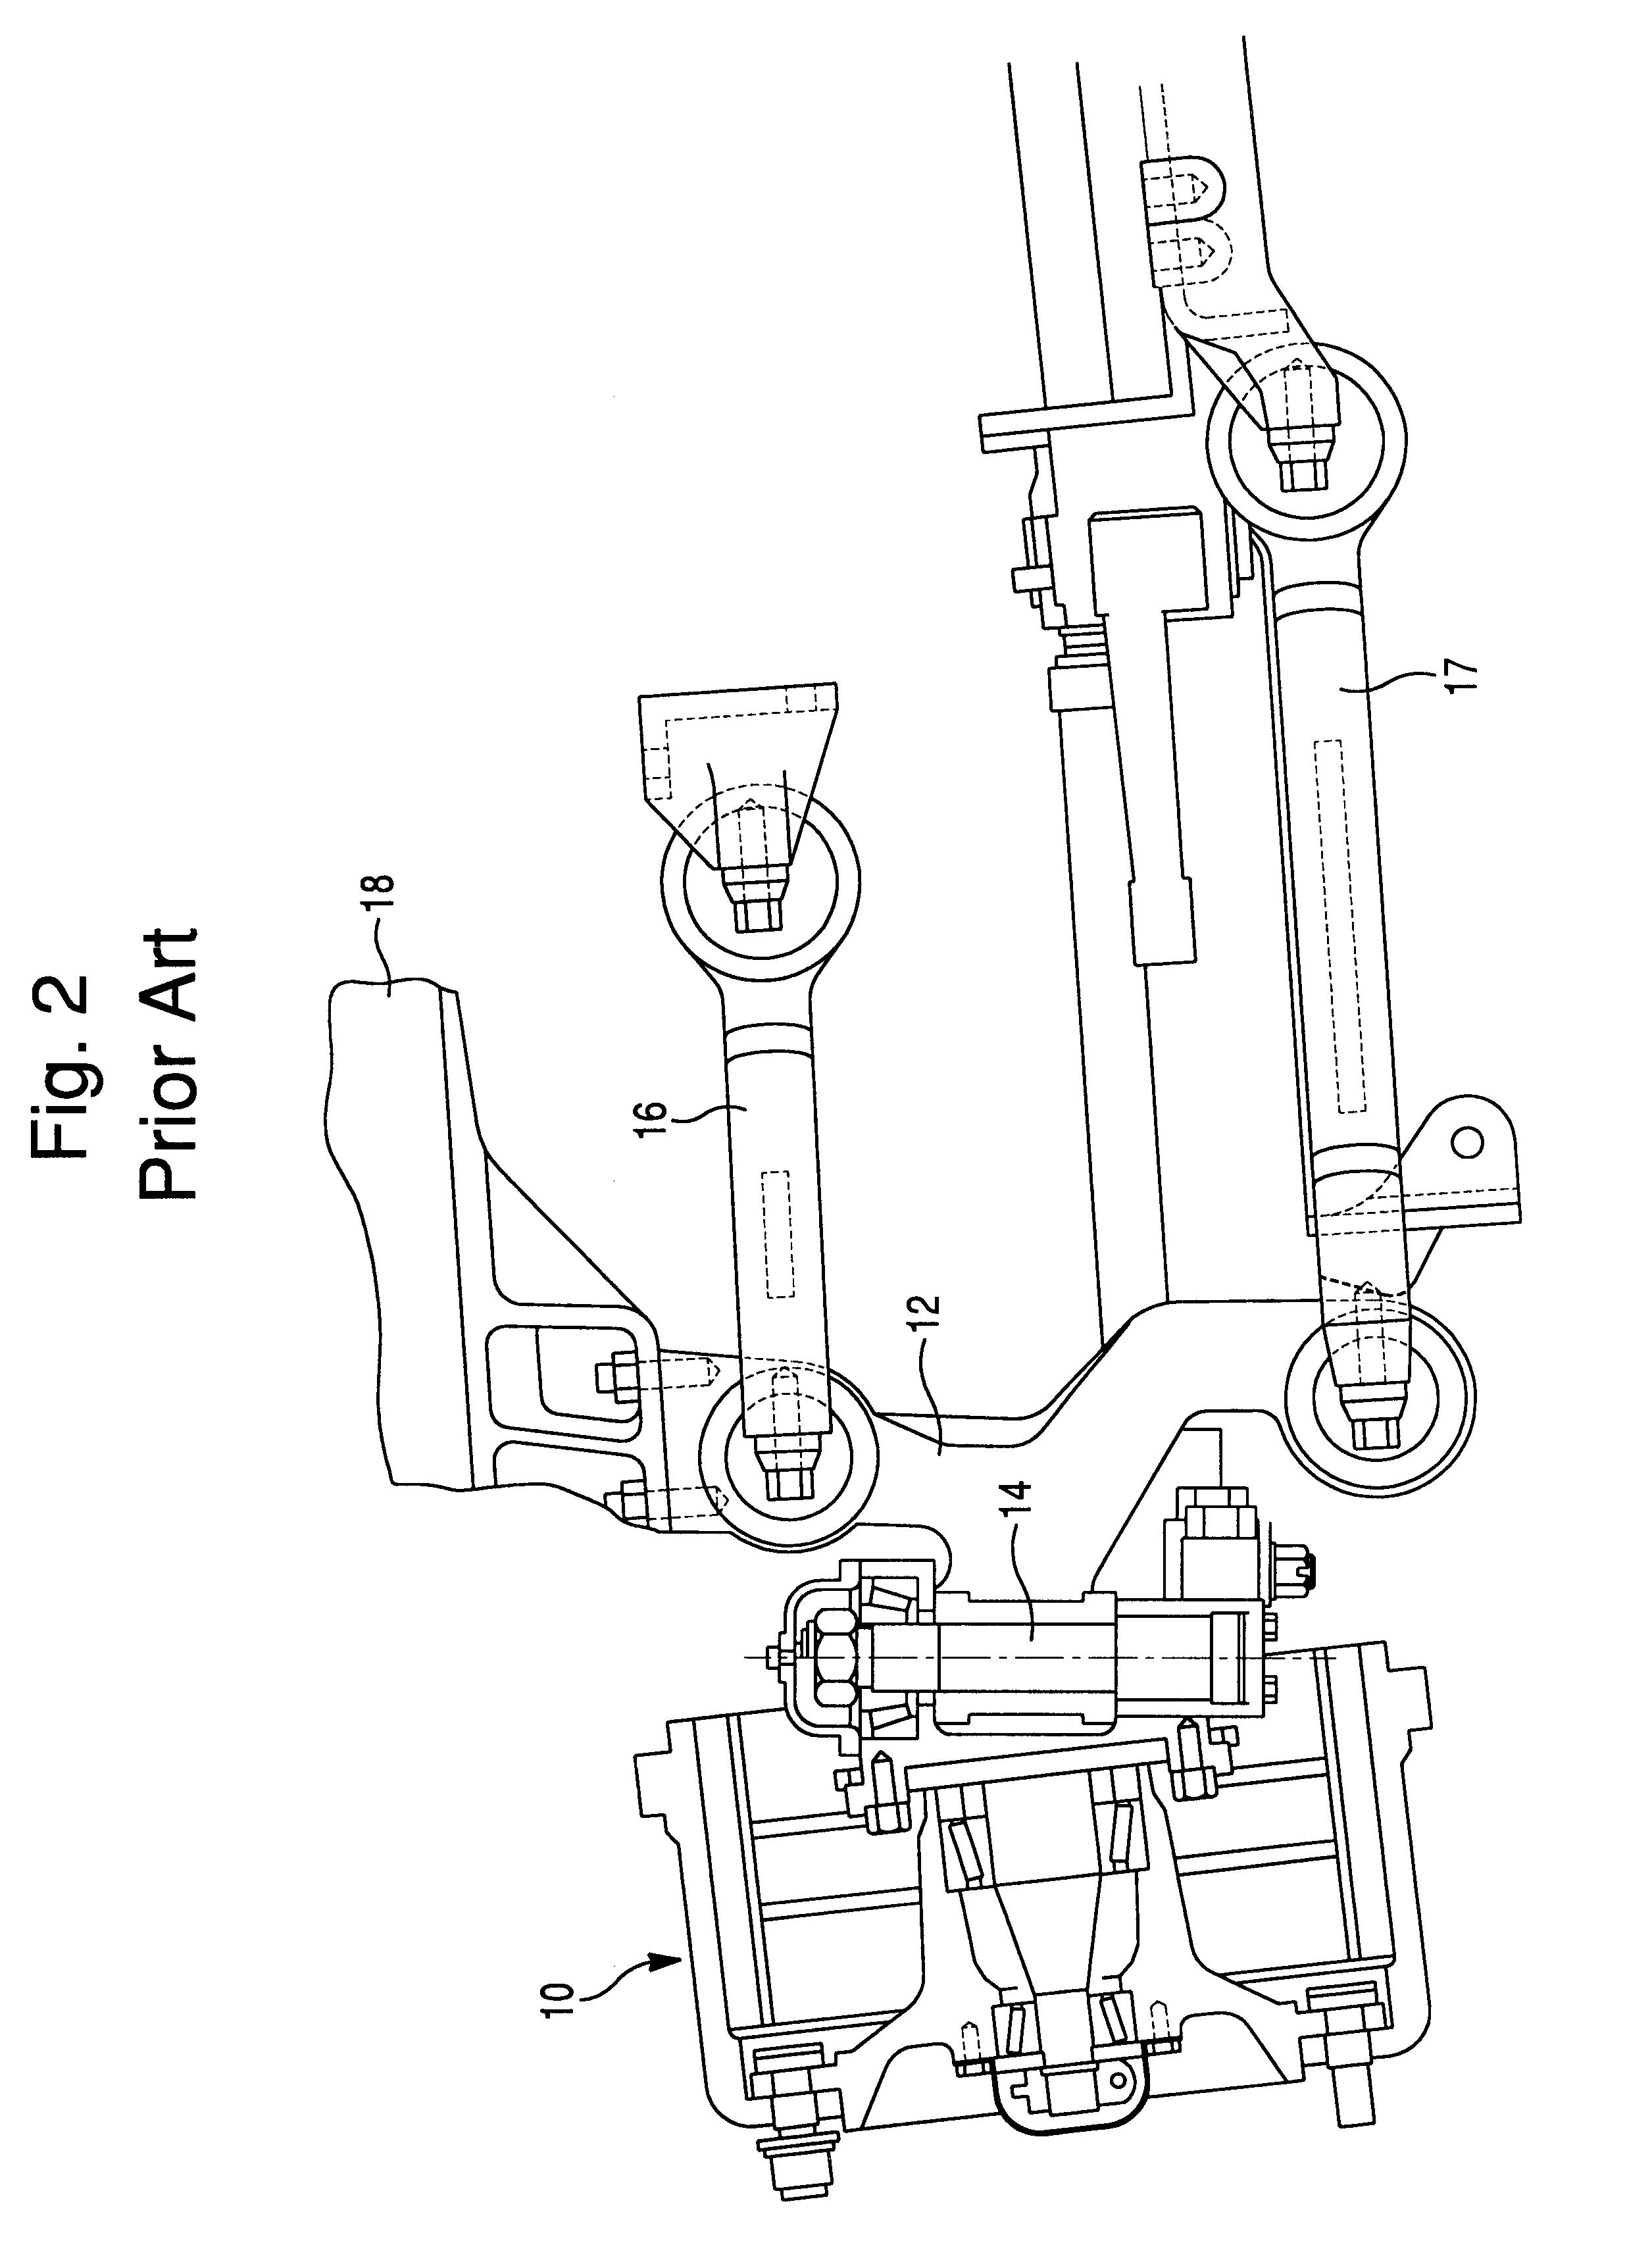 patent us6471224